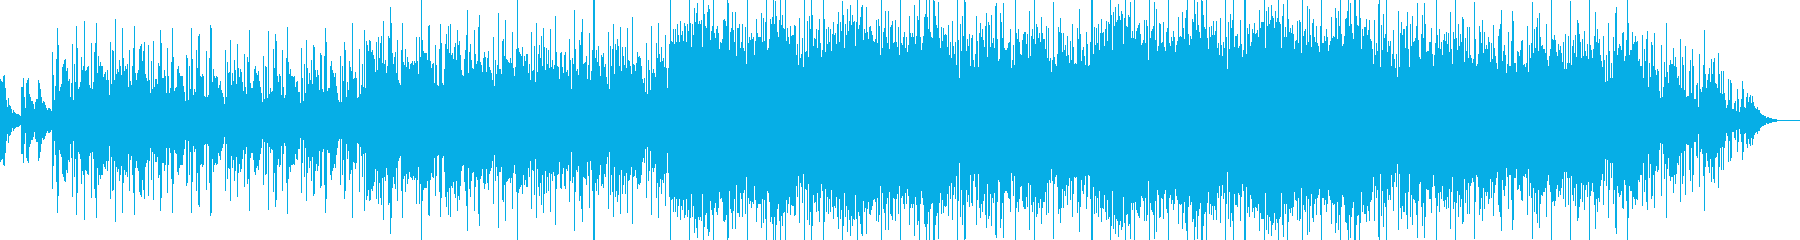 ラウンジ、ヴィンテージ。ダイナミッ...の再生済みの波形